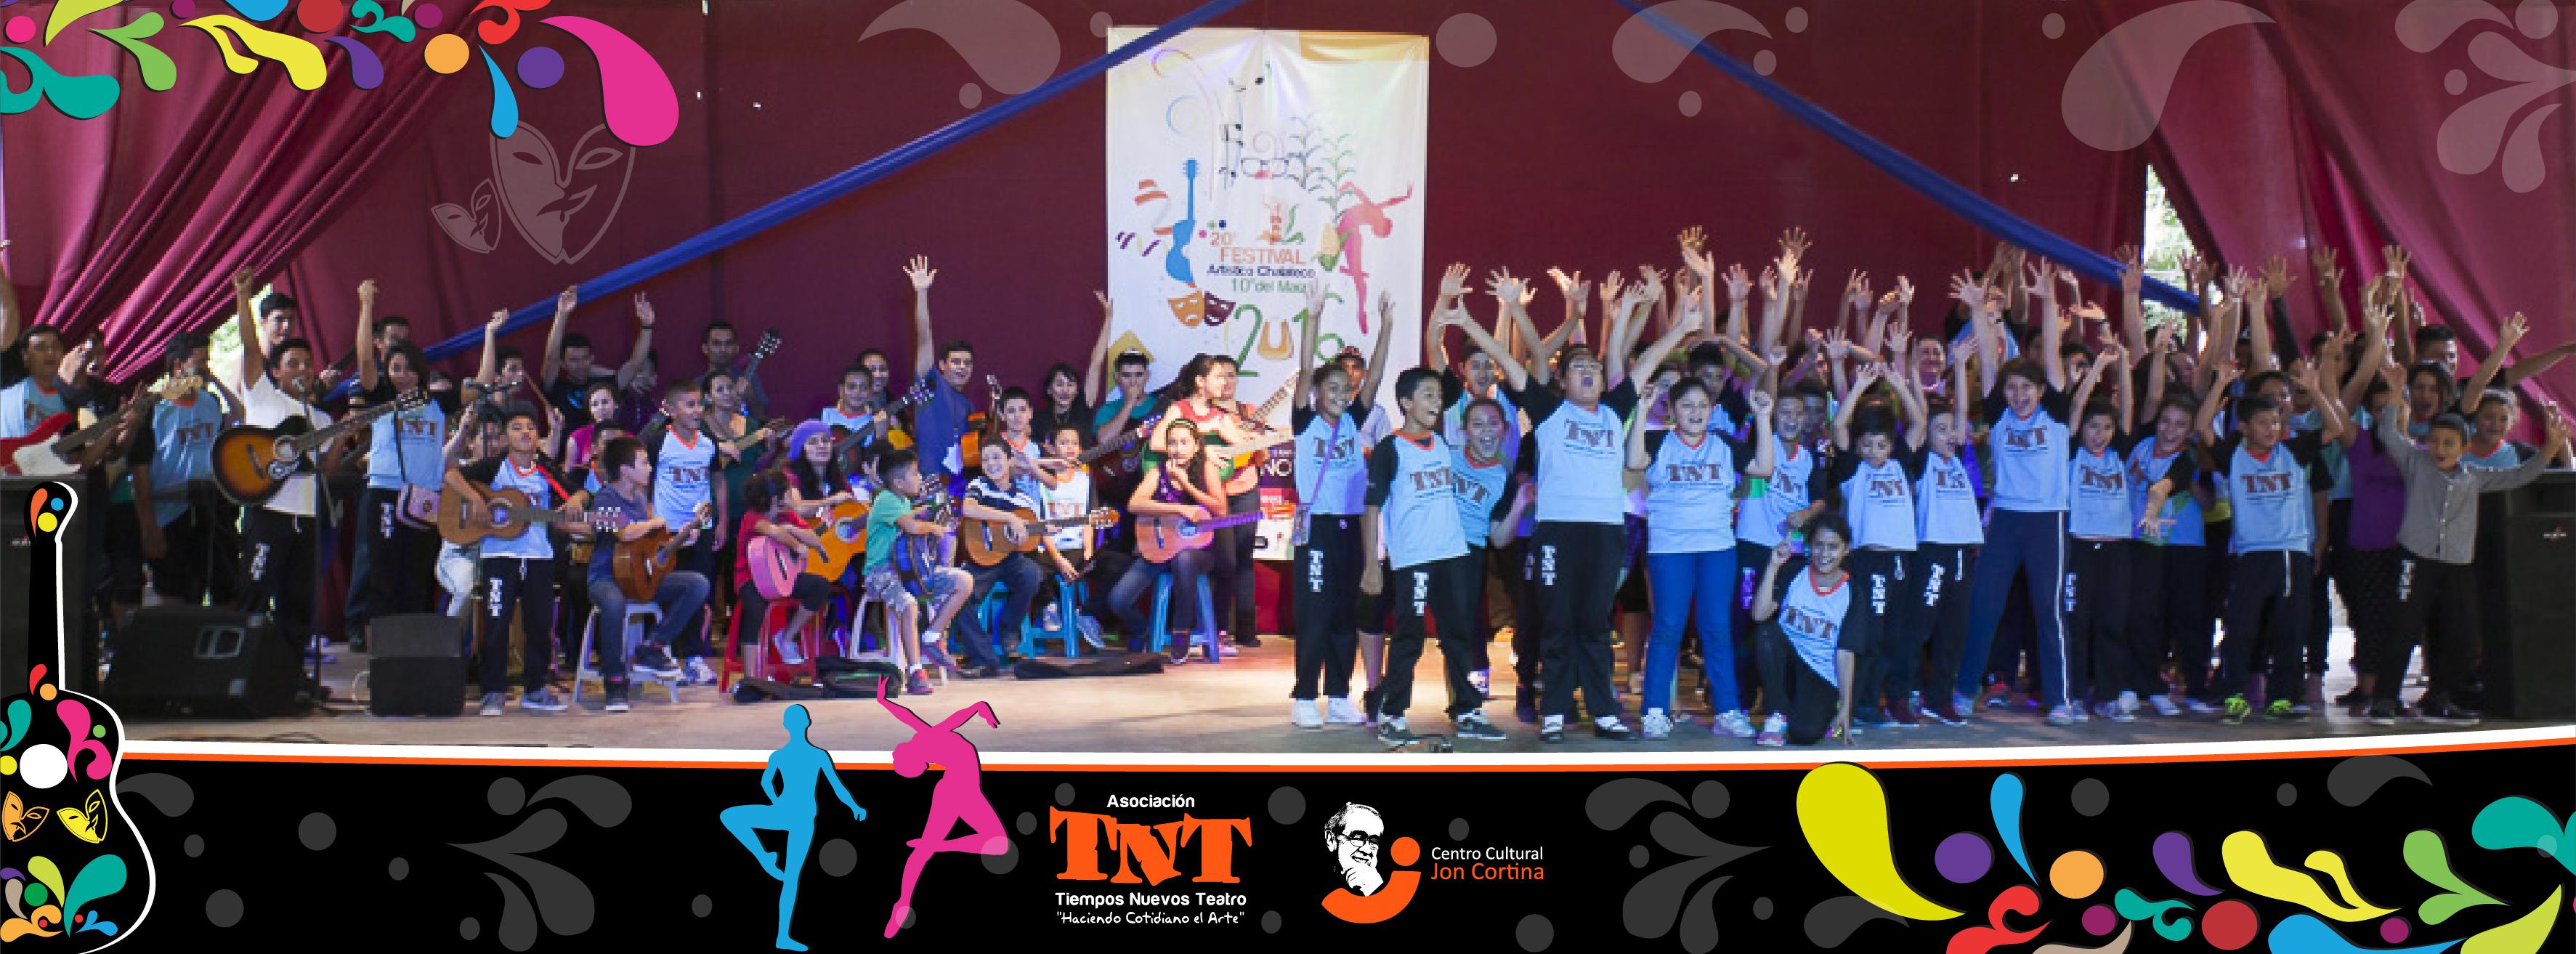 TNT – Tiempos Nuevos Teatro